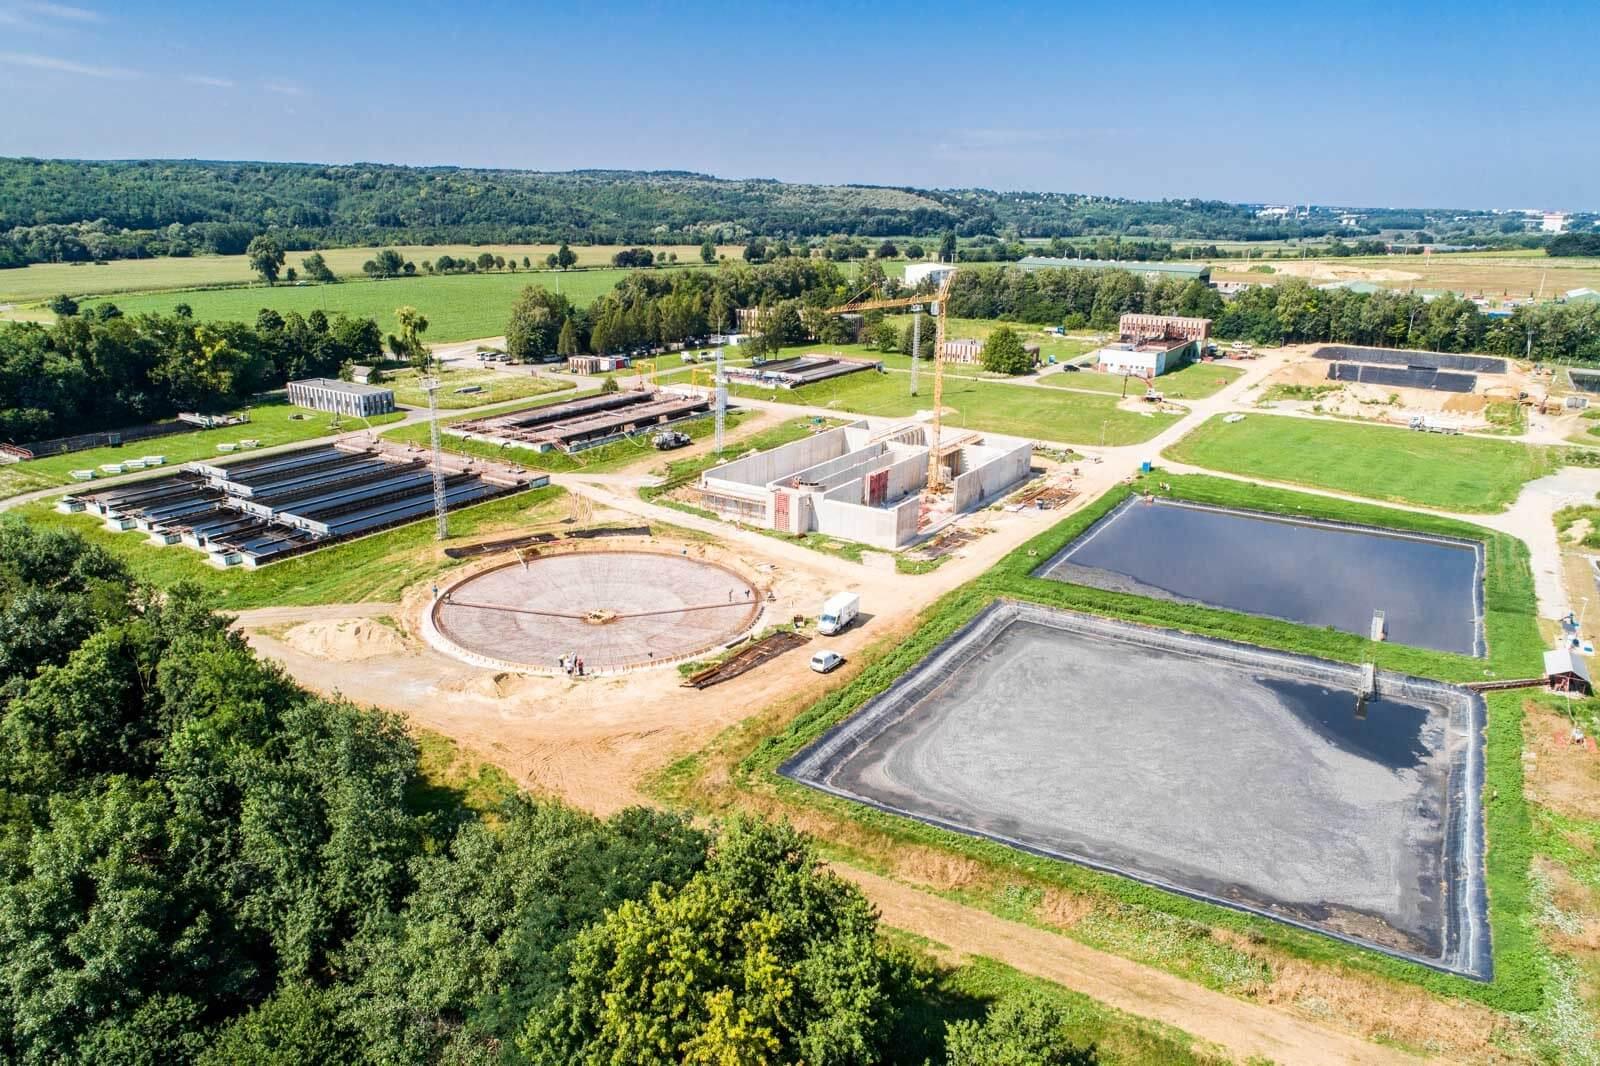 Újabb jelentős vízgazdálkodási projekt indul el: Pest megye kerül sorra